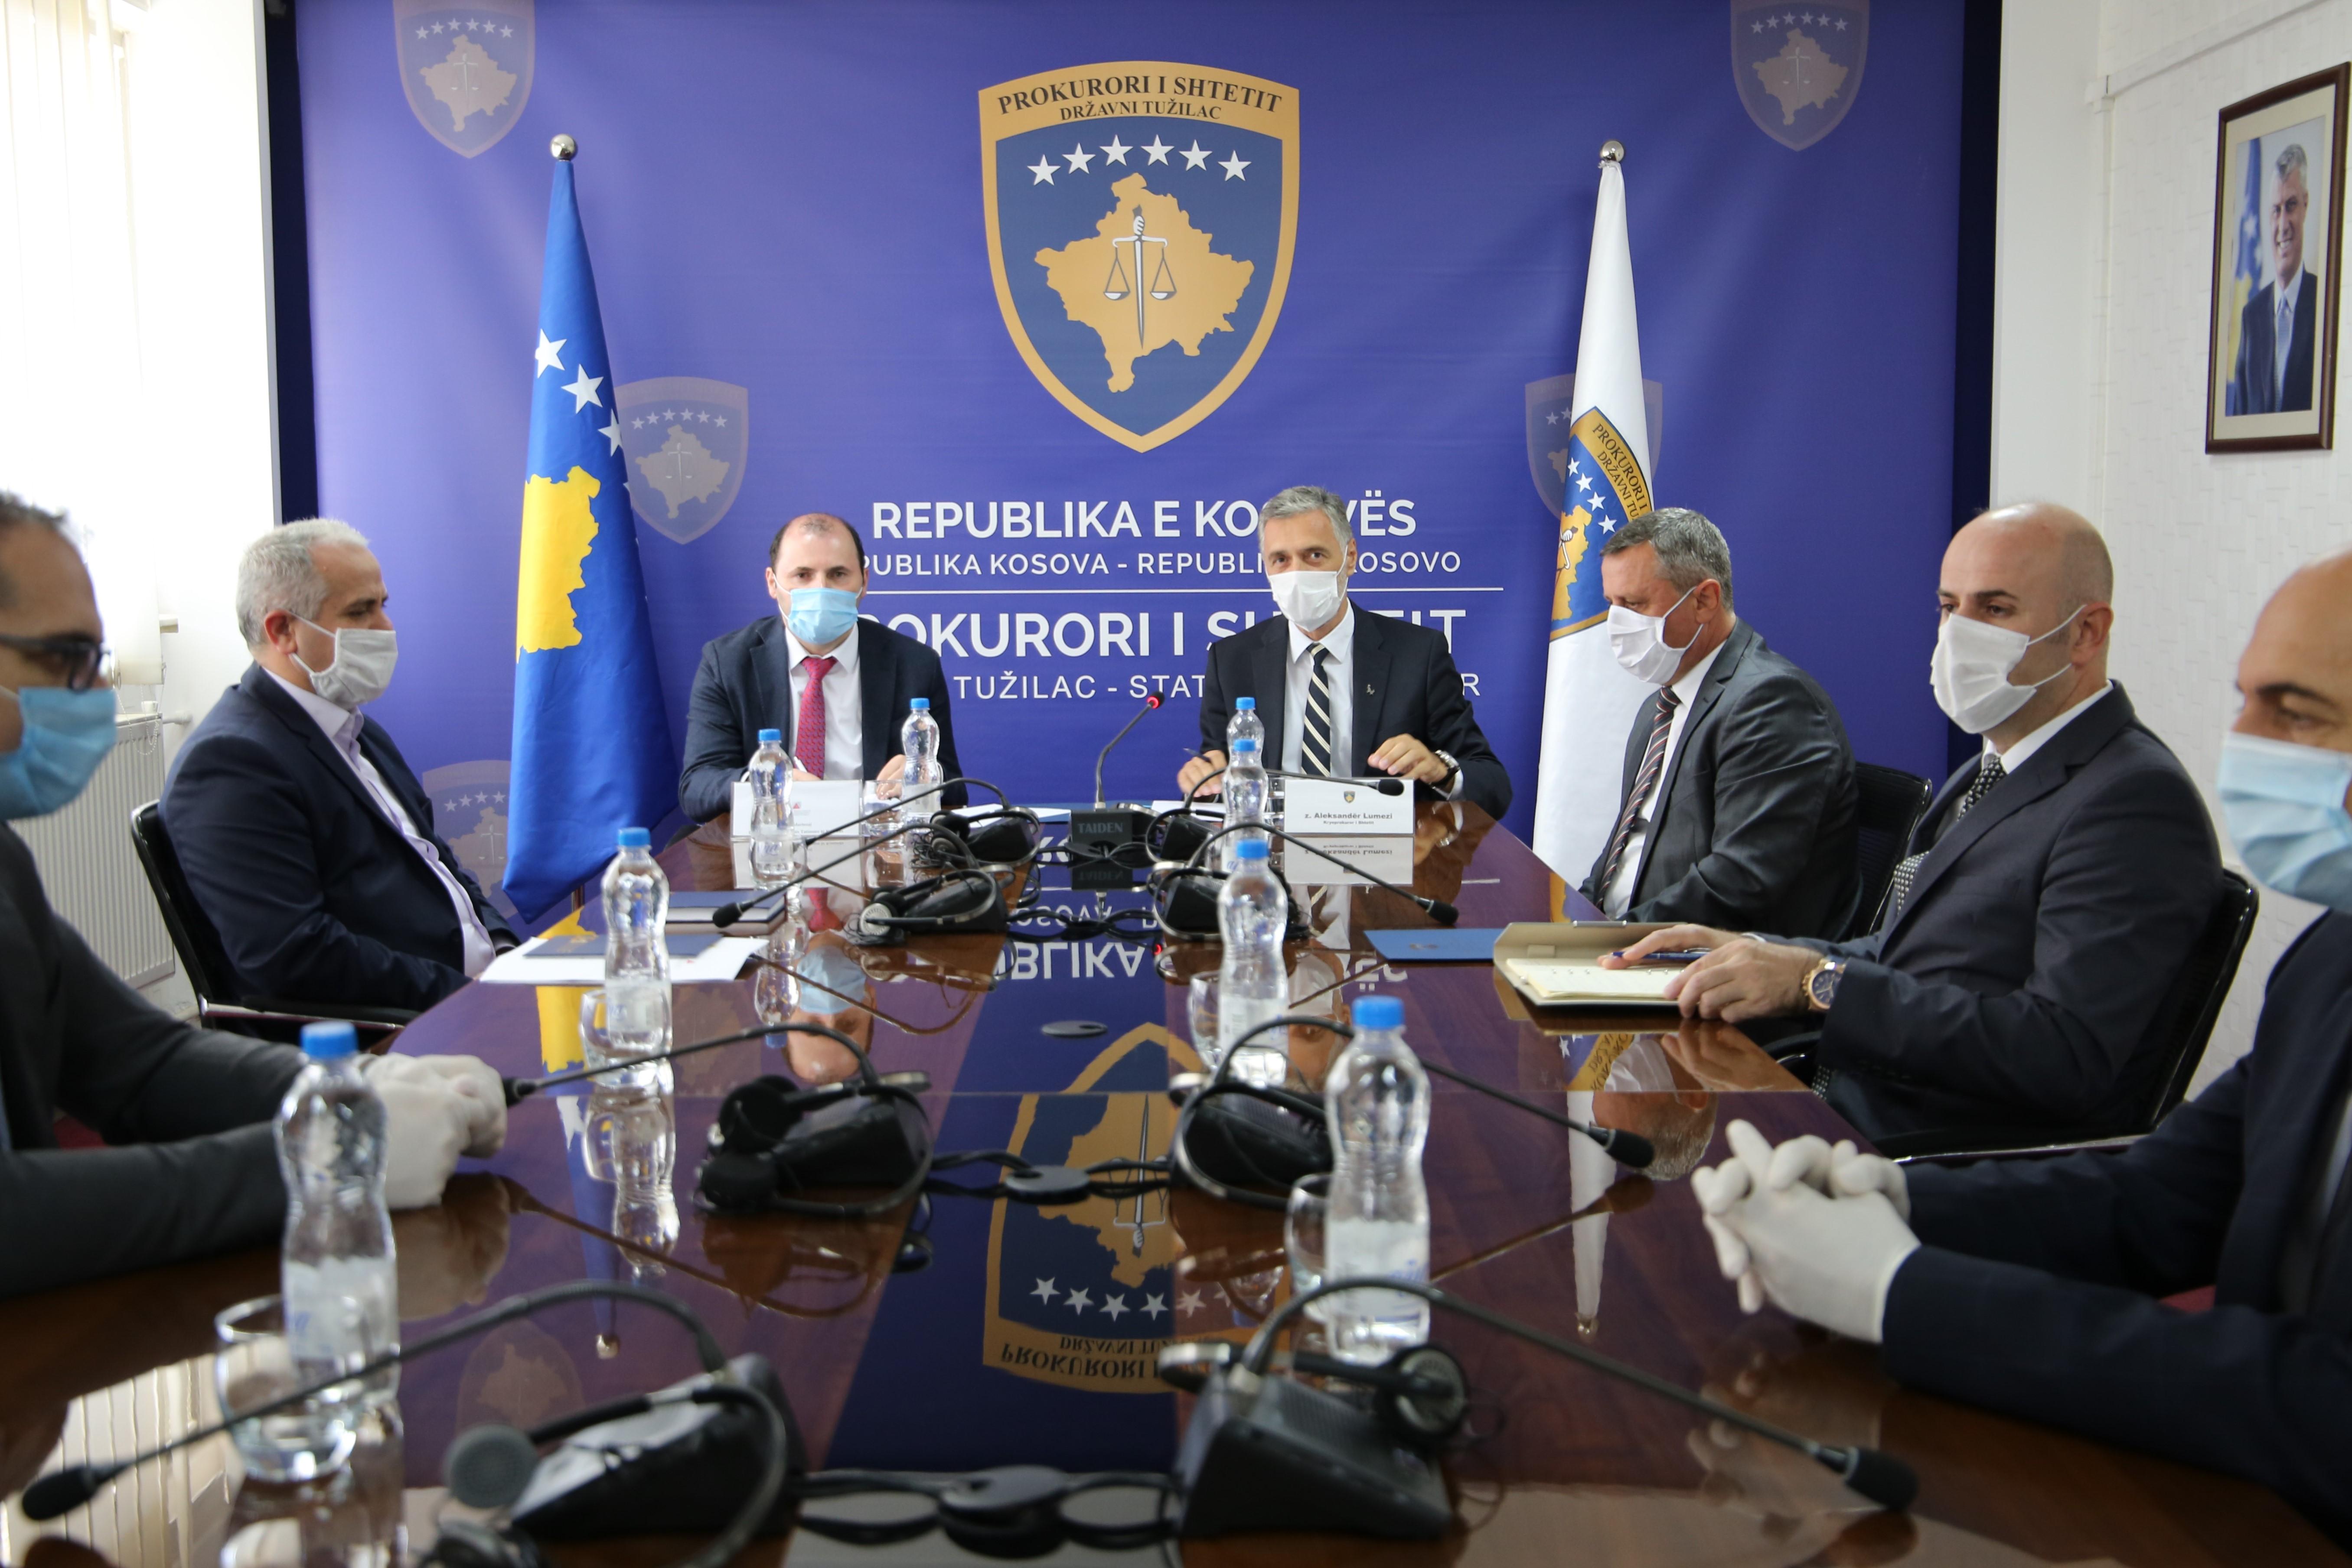 Prokurori i Shtetit dhe Administrata Tatimore e Kosovës nënshkruajnë memorandum bashkëpunimi